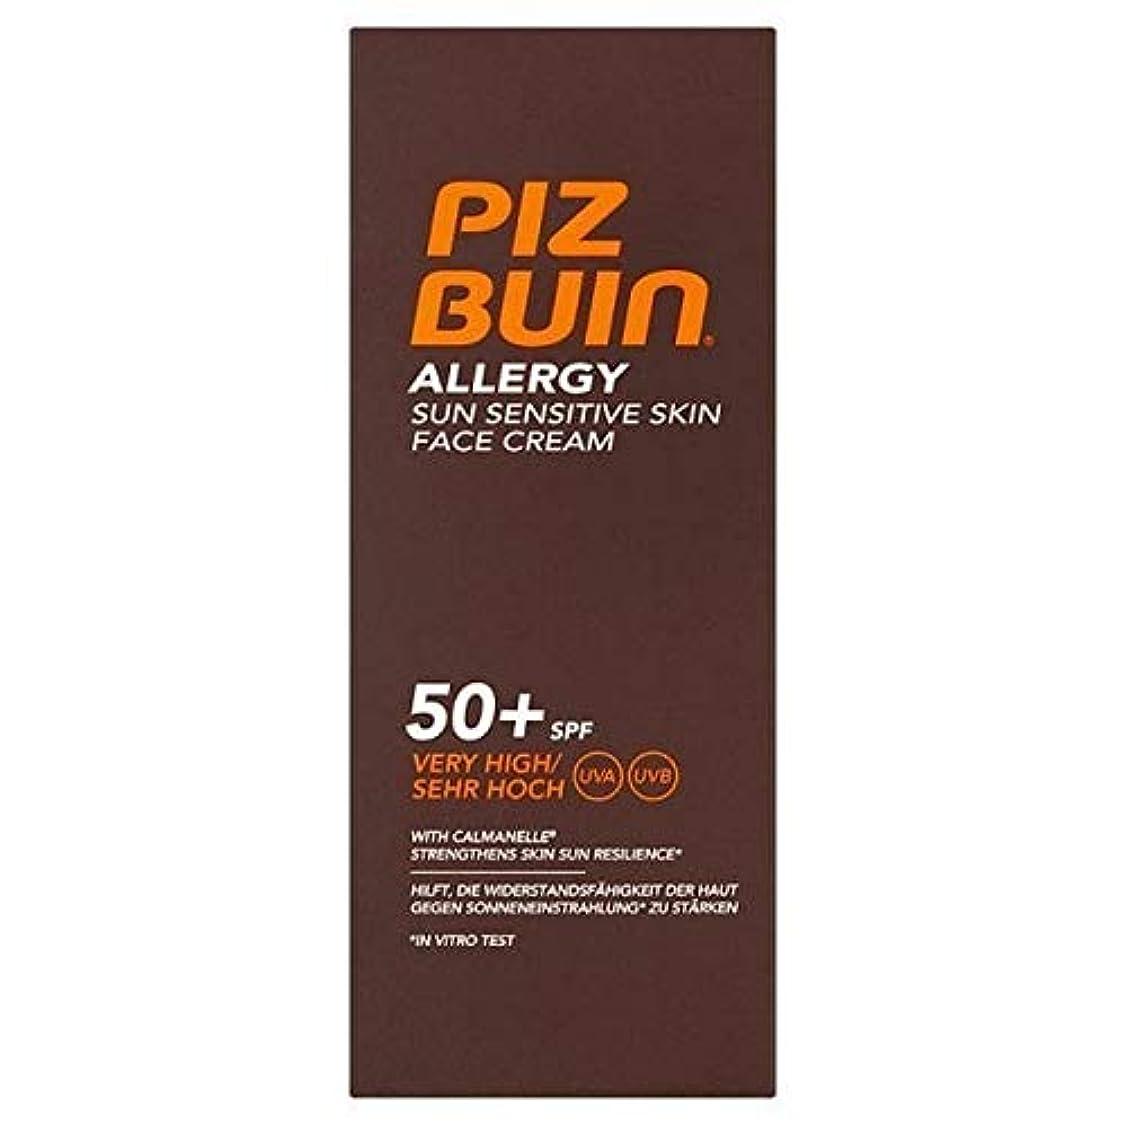 四合図サワー[Piz Buin] ピッツブーインアレルギーフェースクリームSpf 50+非常に高い40ミリリットル - Piz Buin Allergy Face Cream SPF 50+ Very High 40ml [並行輸入品]